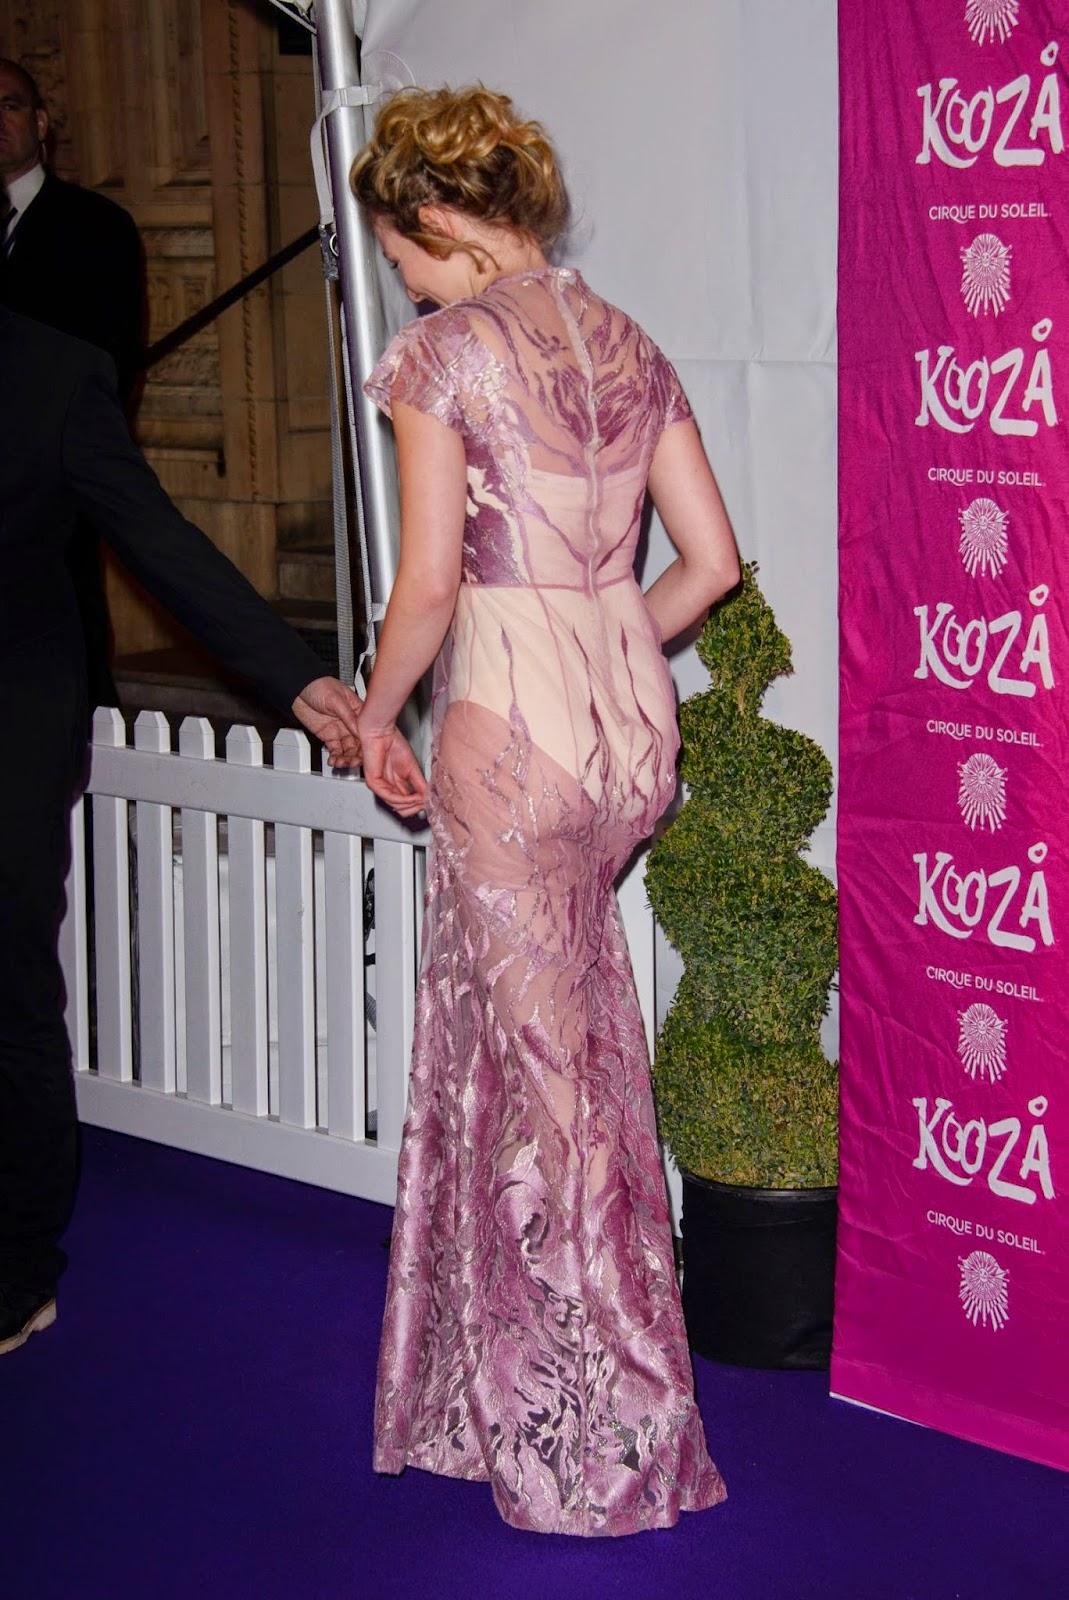 الممثلة الانكليزية داكوتا بلو ريتشاردز بثوب شفاف خلال حضورها حفل في لندن